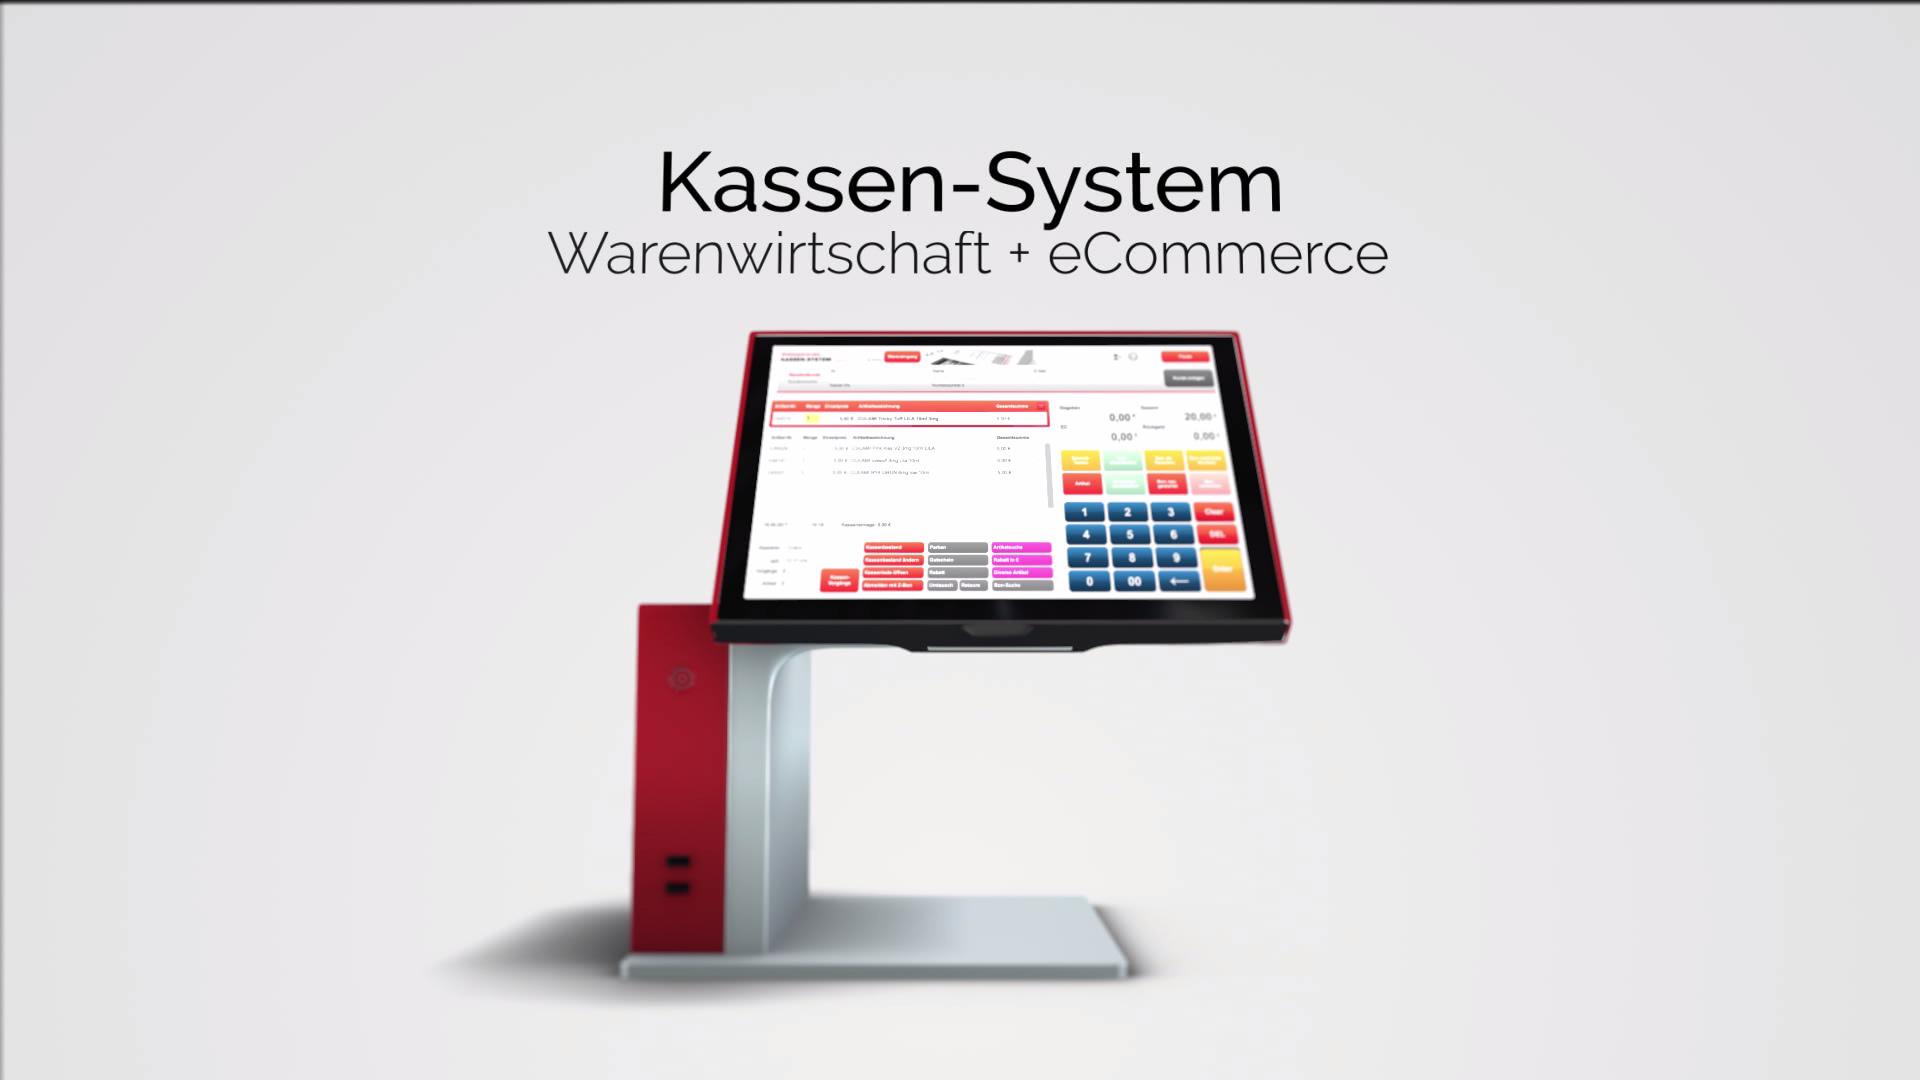 Kassen-System video